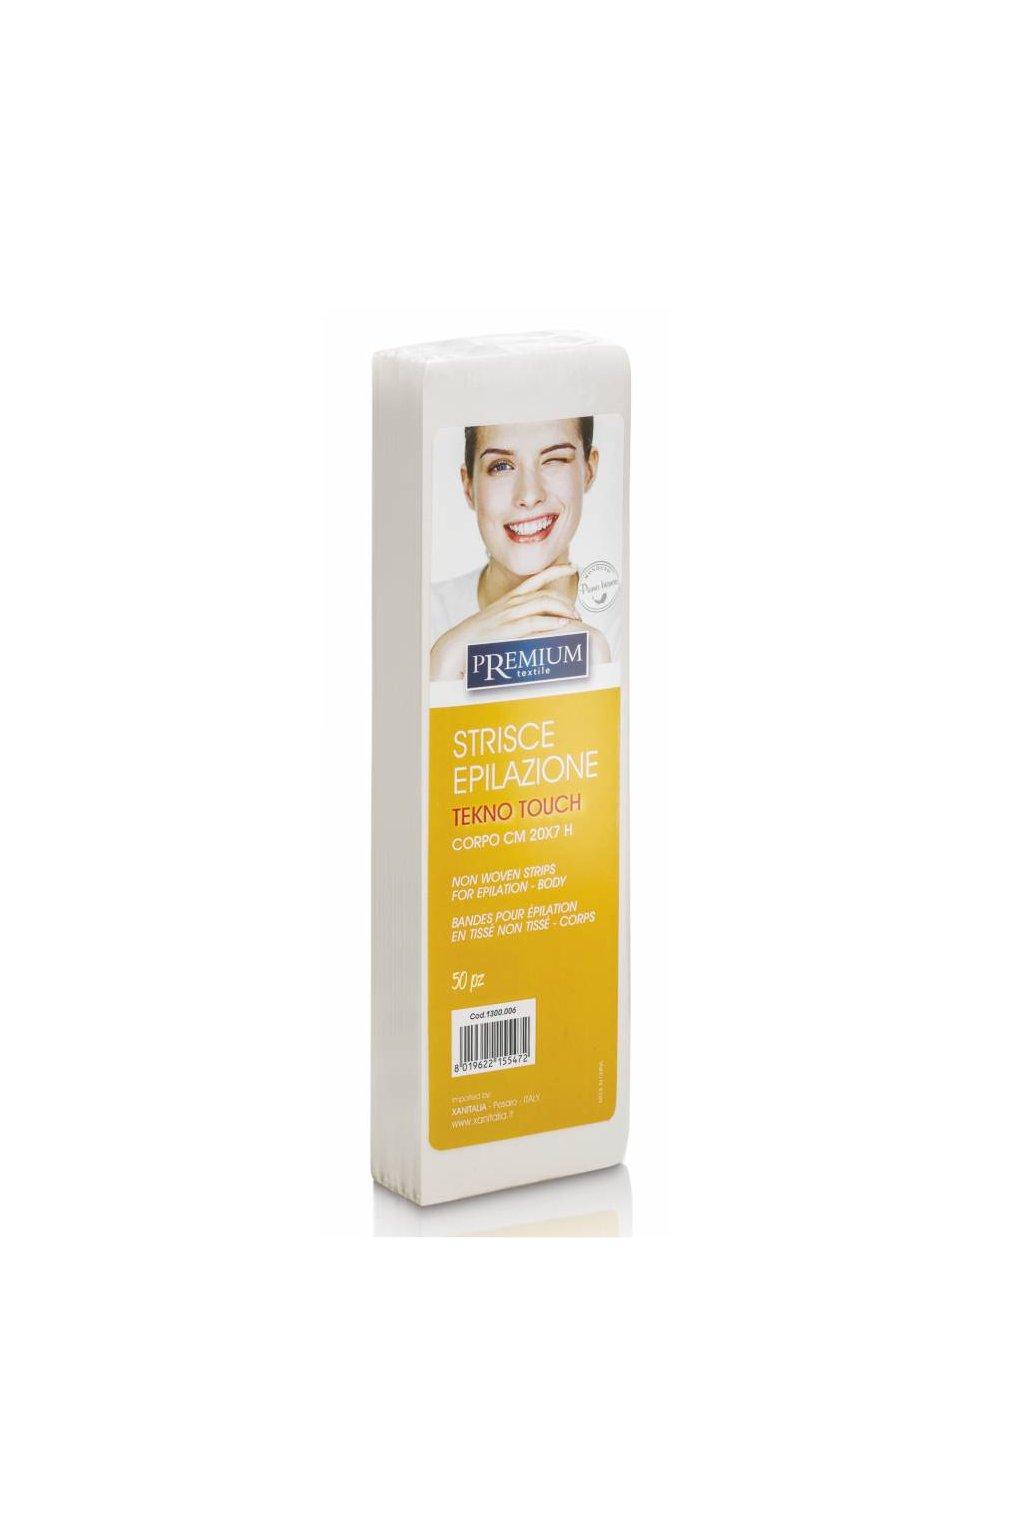 7970 kosmeticke epilacni pasky premium tekno touch 7x20cm 1bal 50ks